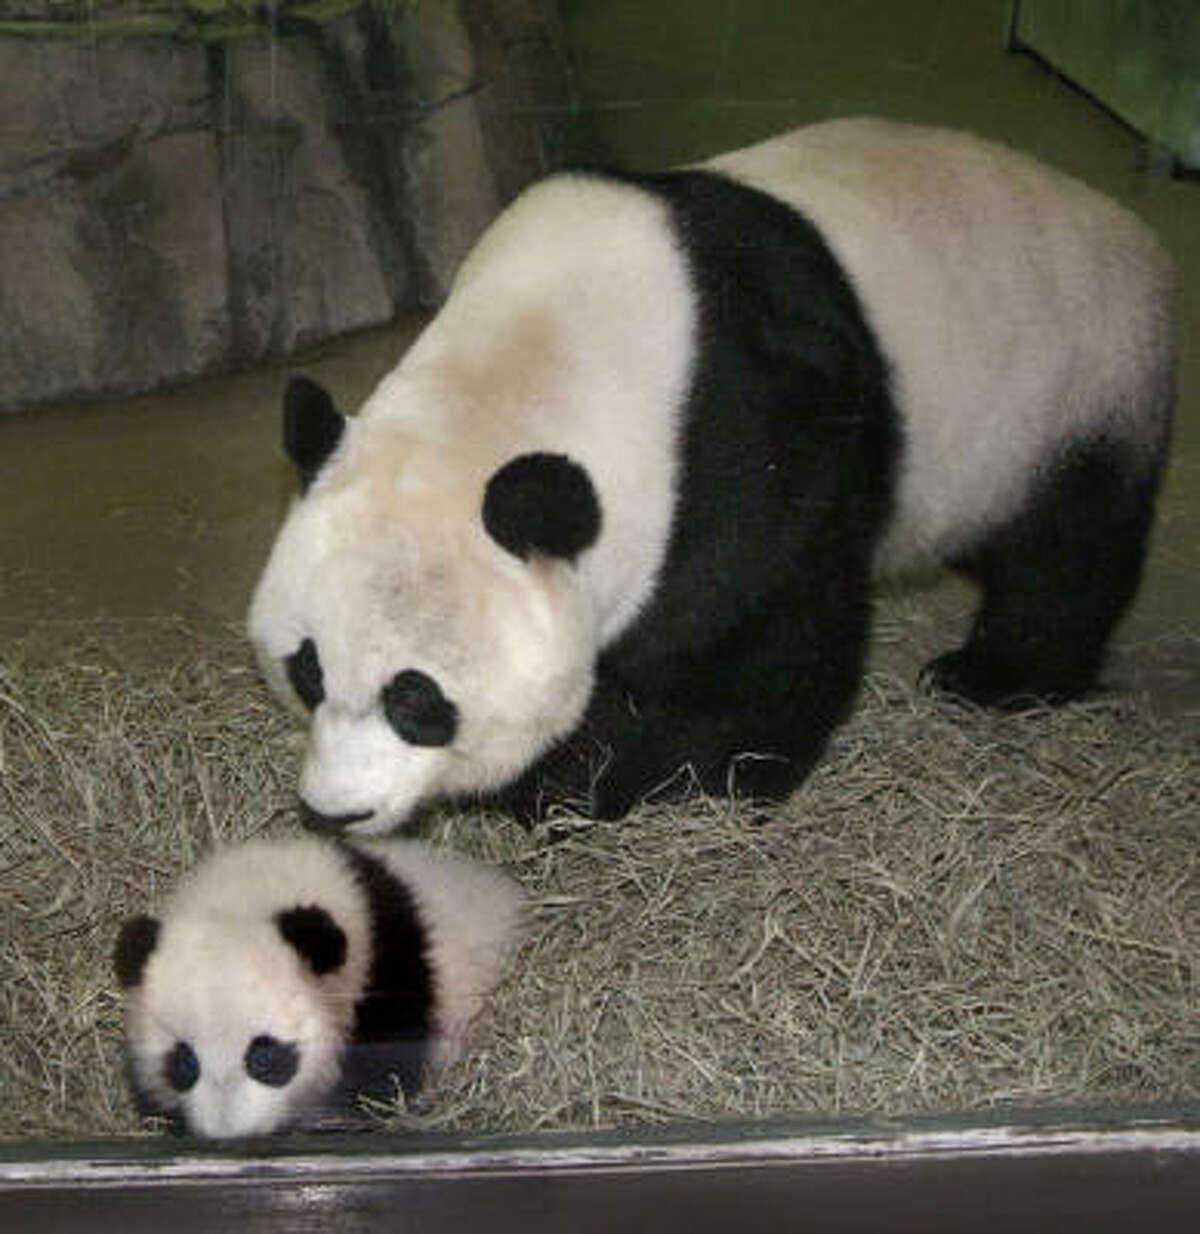 Mother Mei Xiang showed her cub, Tai Shan, to the public Dec. 8, 2005.